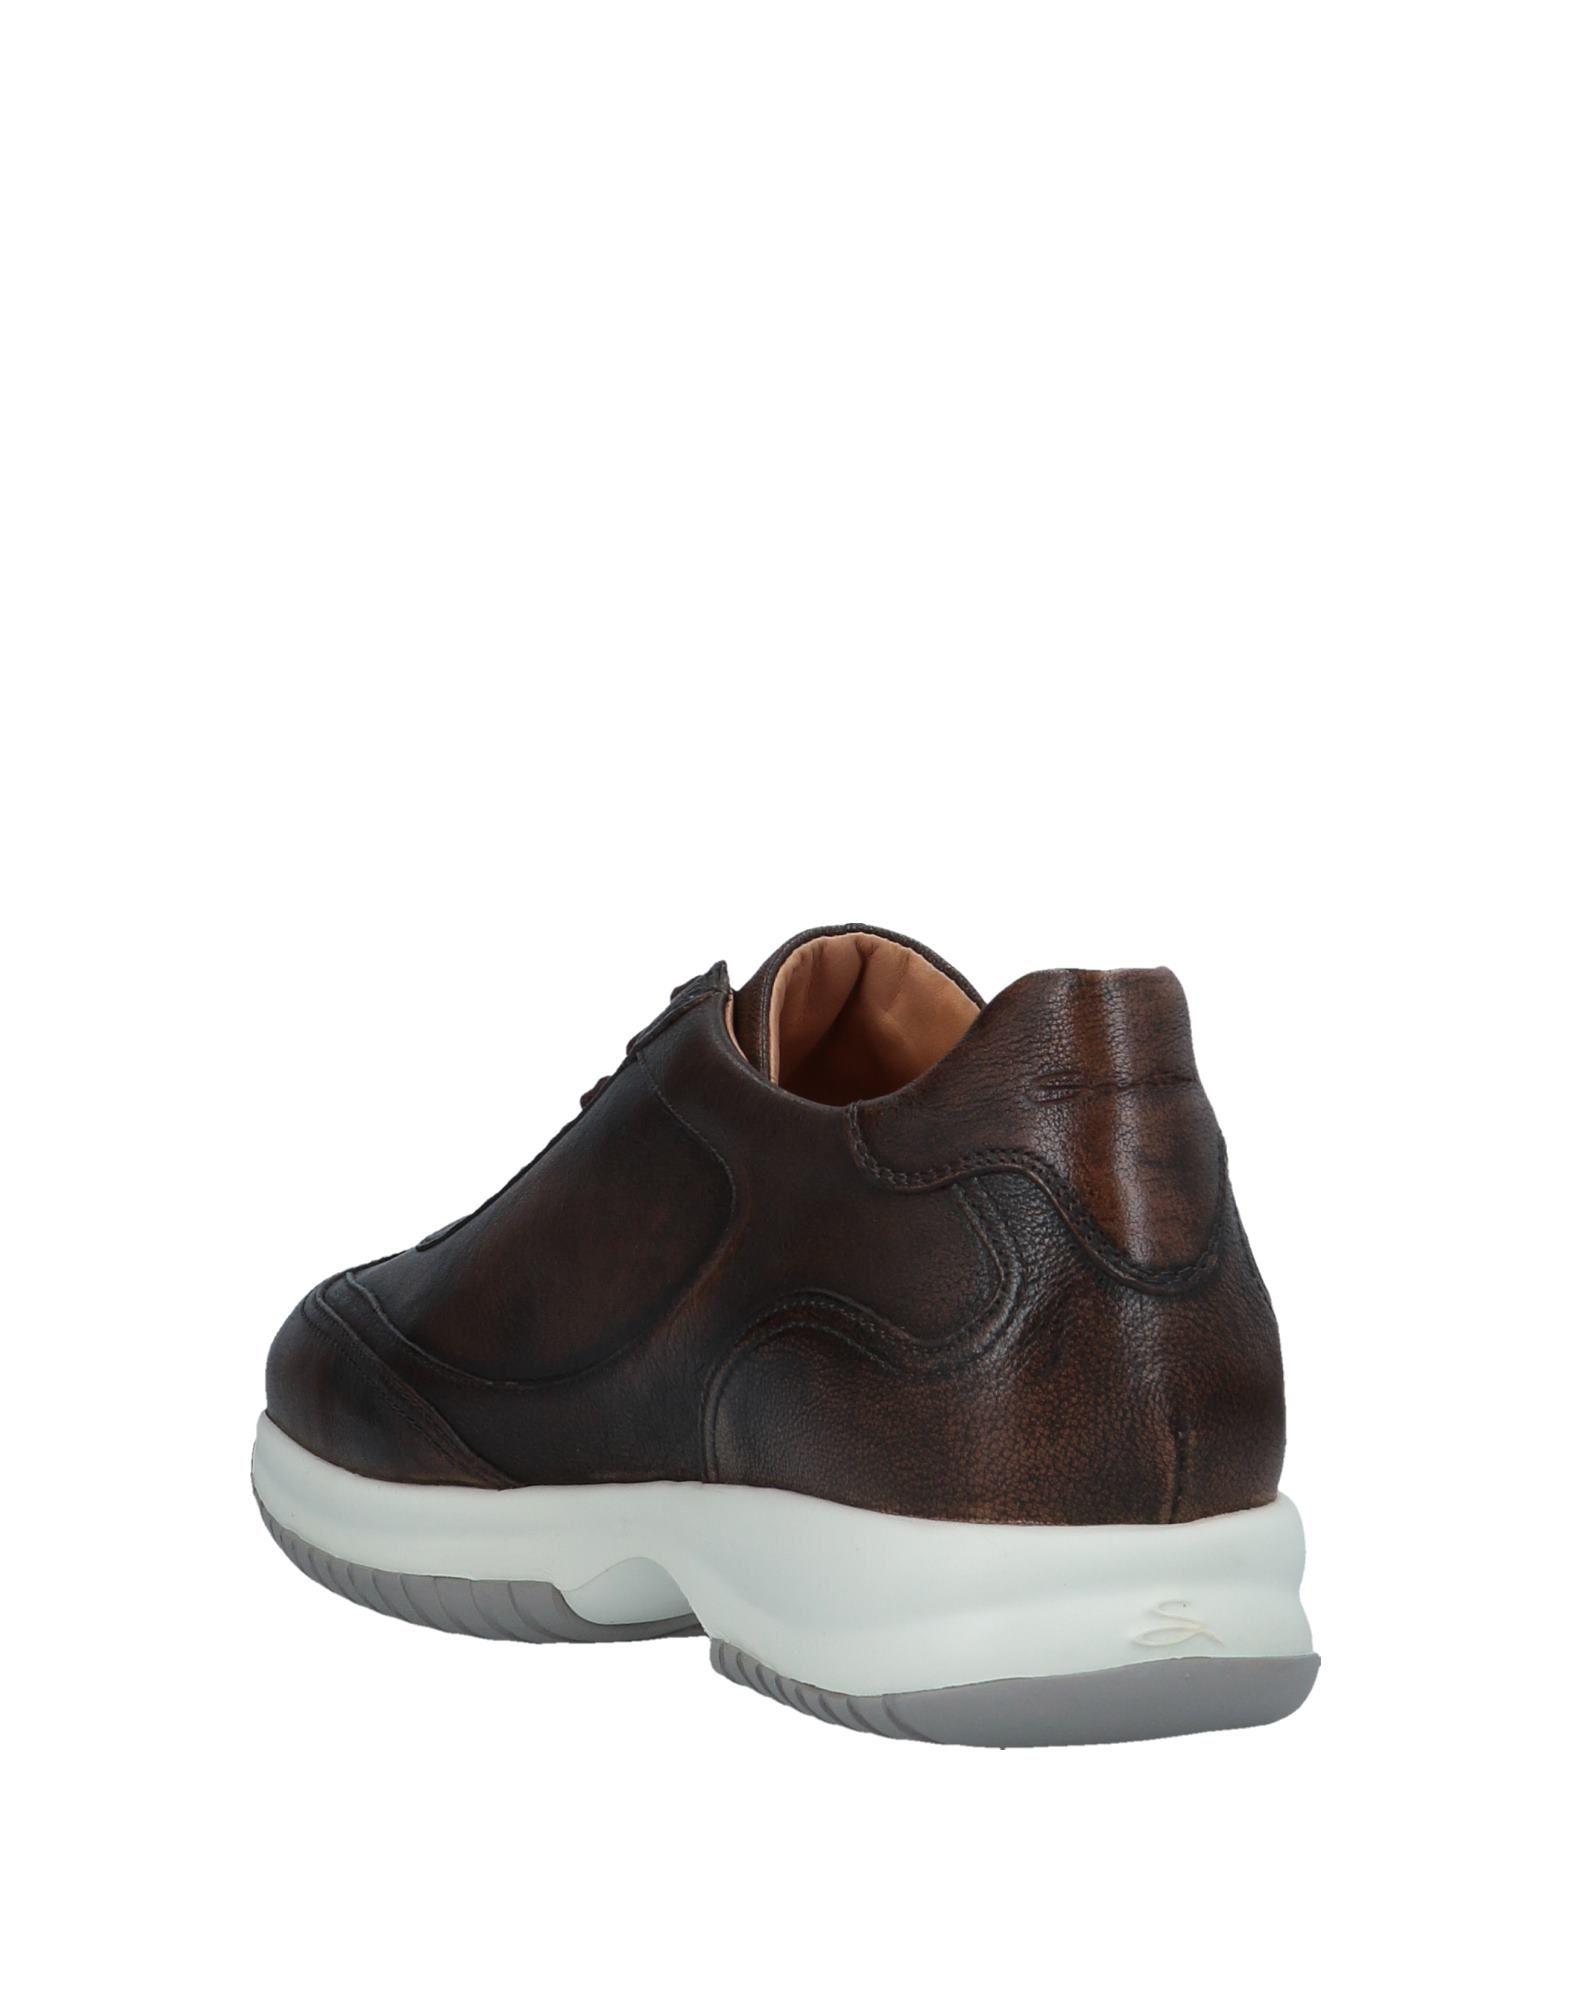 Santoni 11541342CV Sneakers Herren  11541342CV Santoni Gute Qualität beliebte Schuhe 06ec97